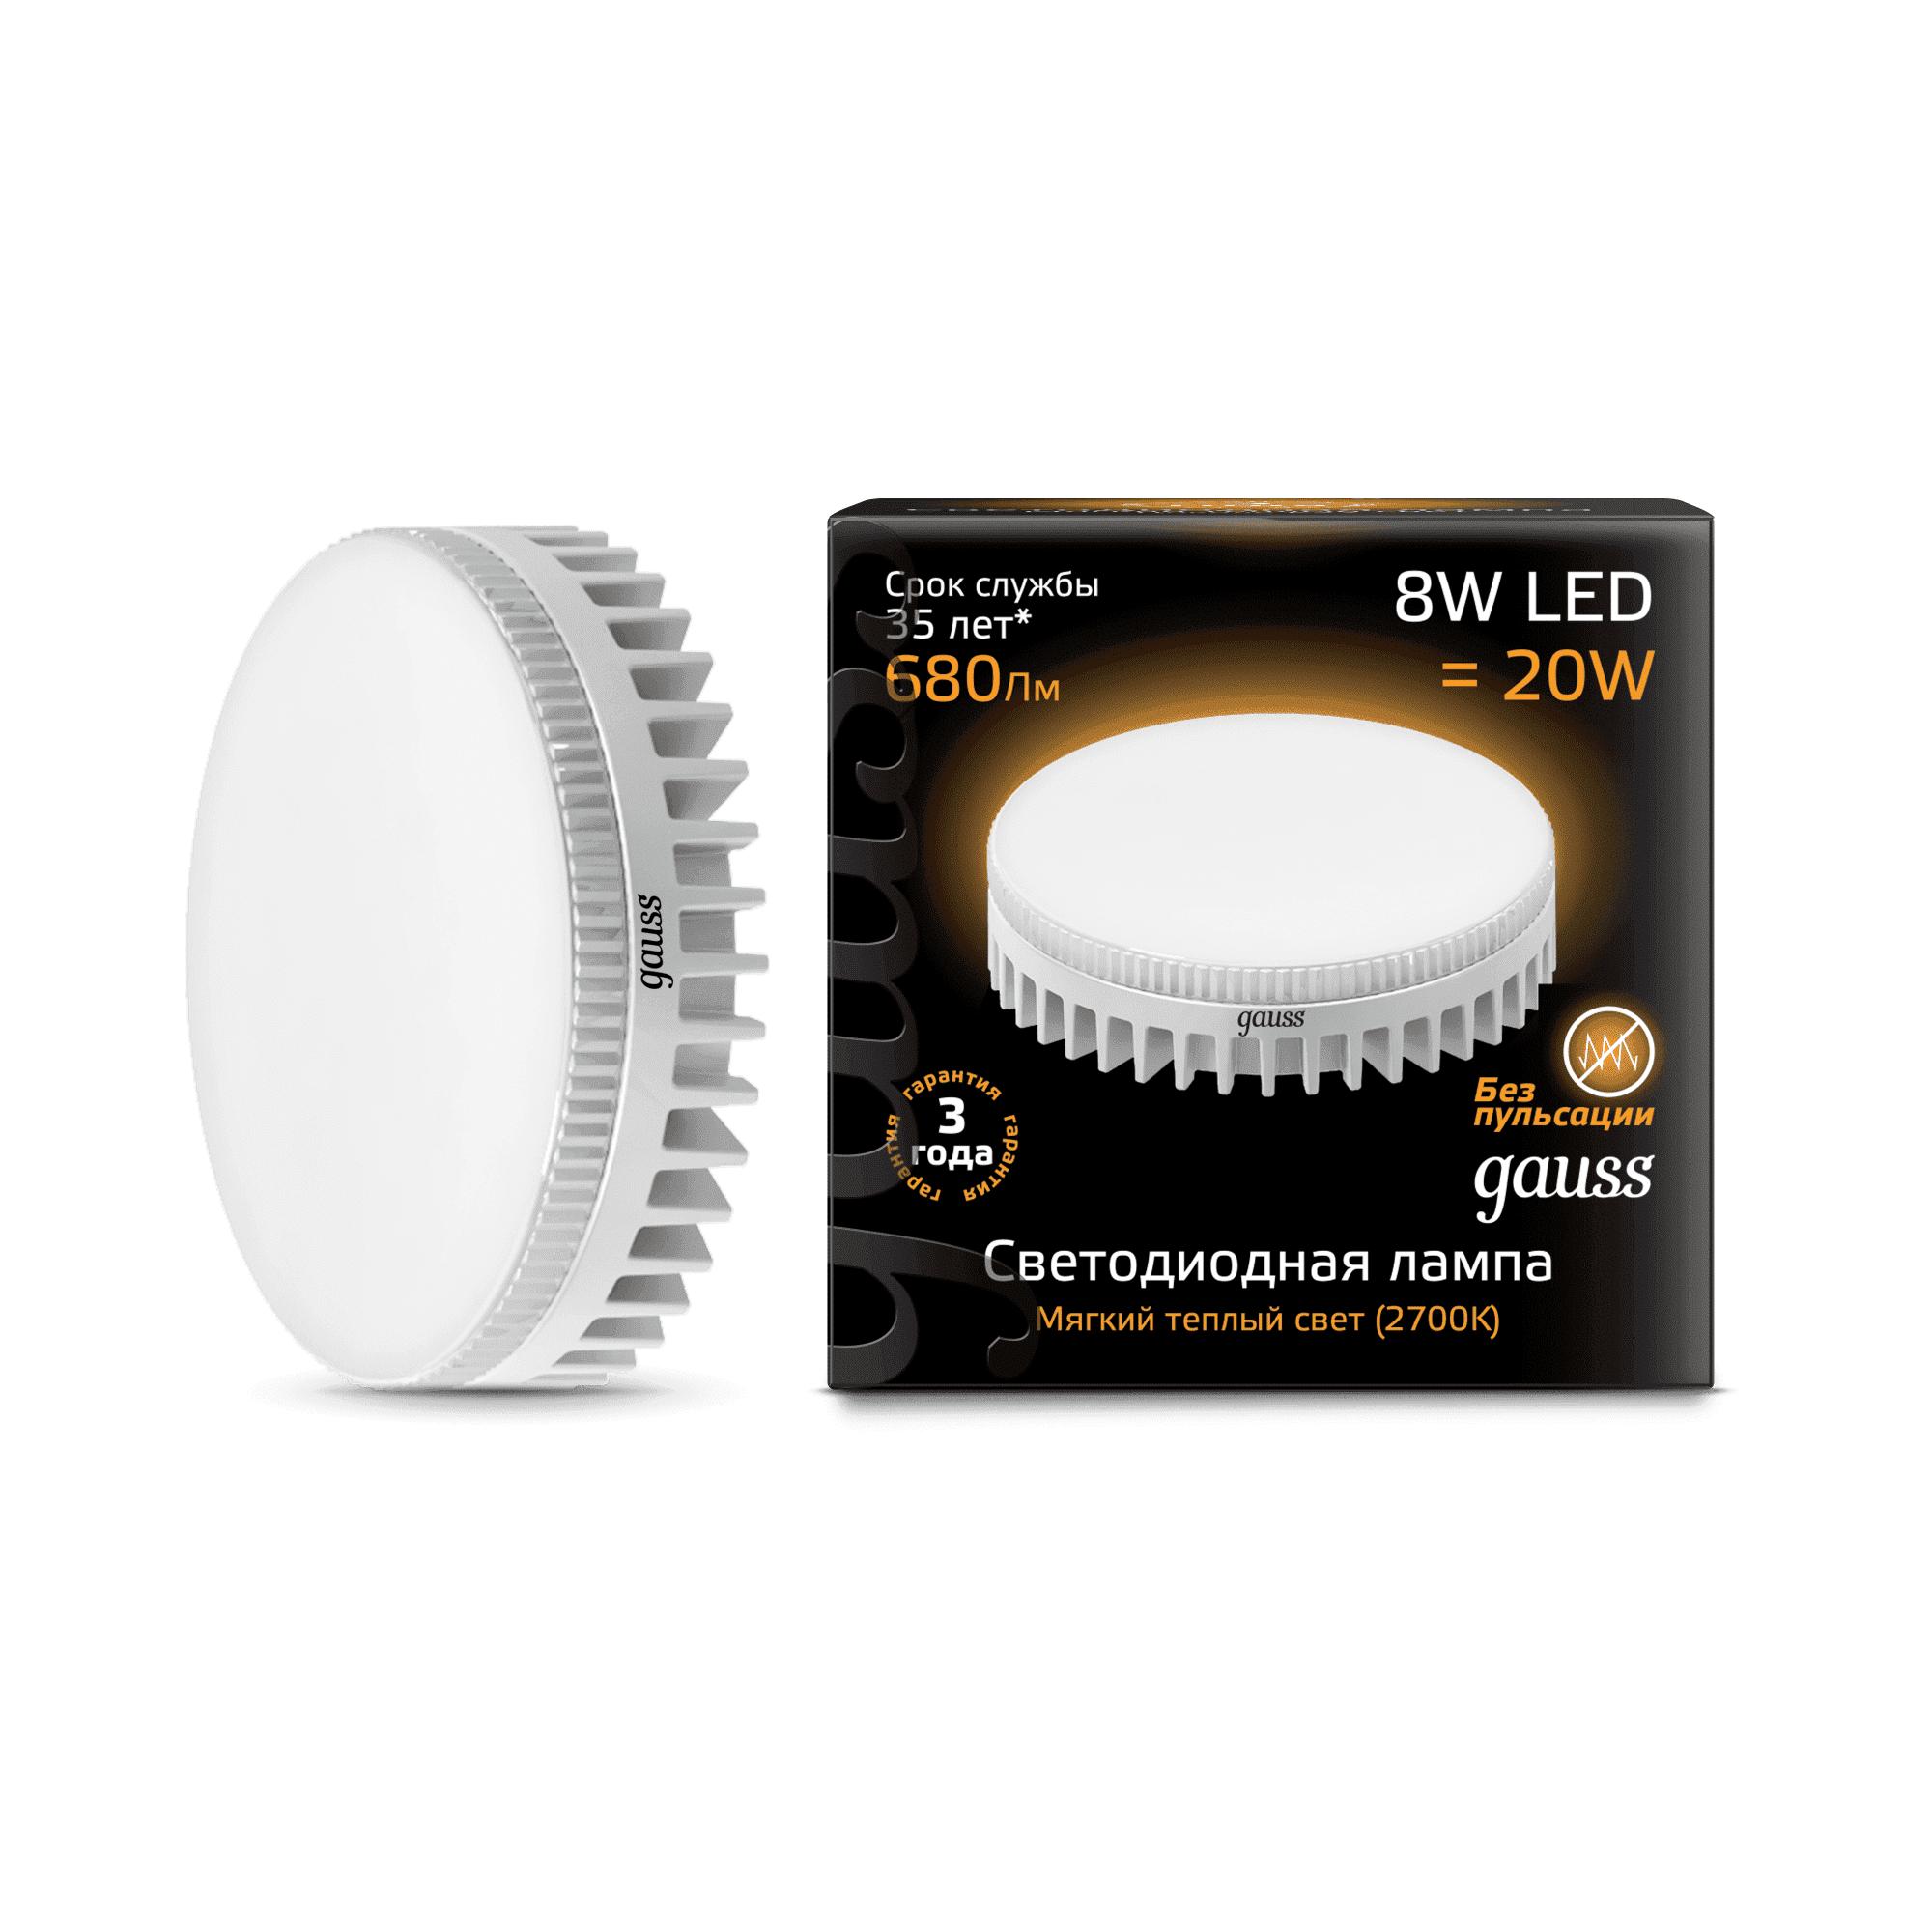 Gauss LED GX53 8W 2700K арт. LD108008108